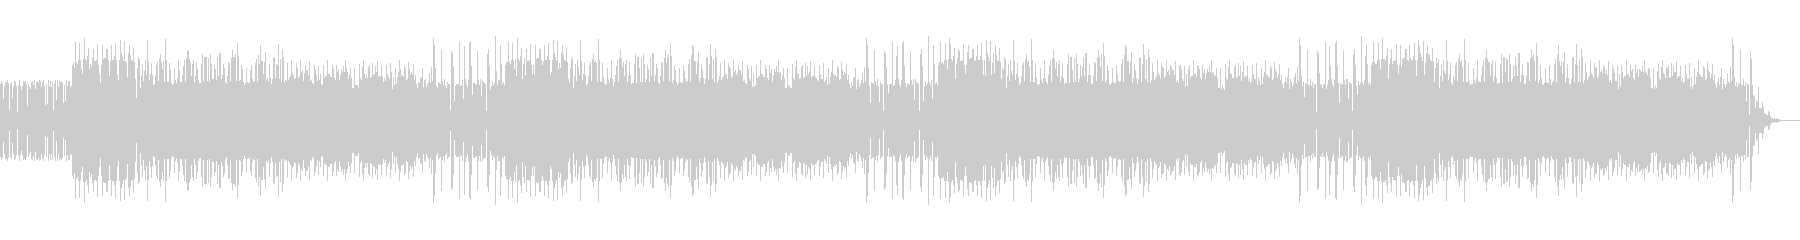 ファミコン風な短調の高揚感のあるBGMの未再生の波形